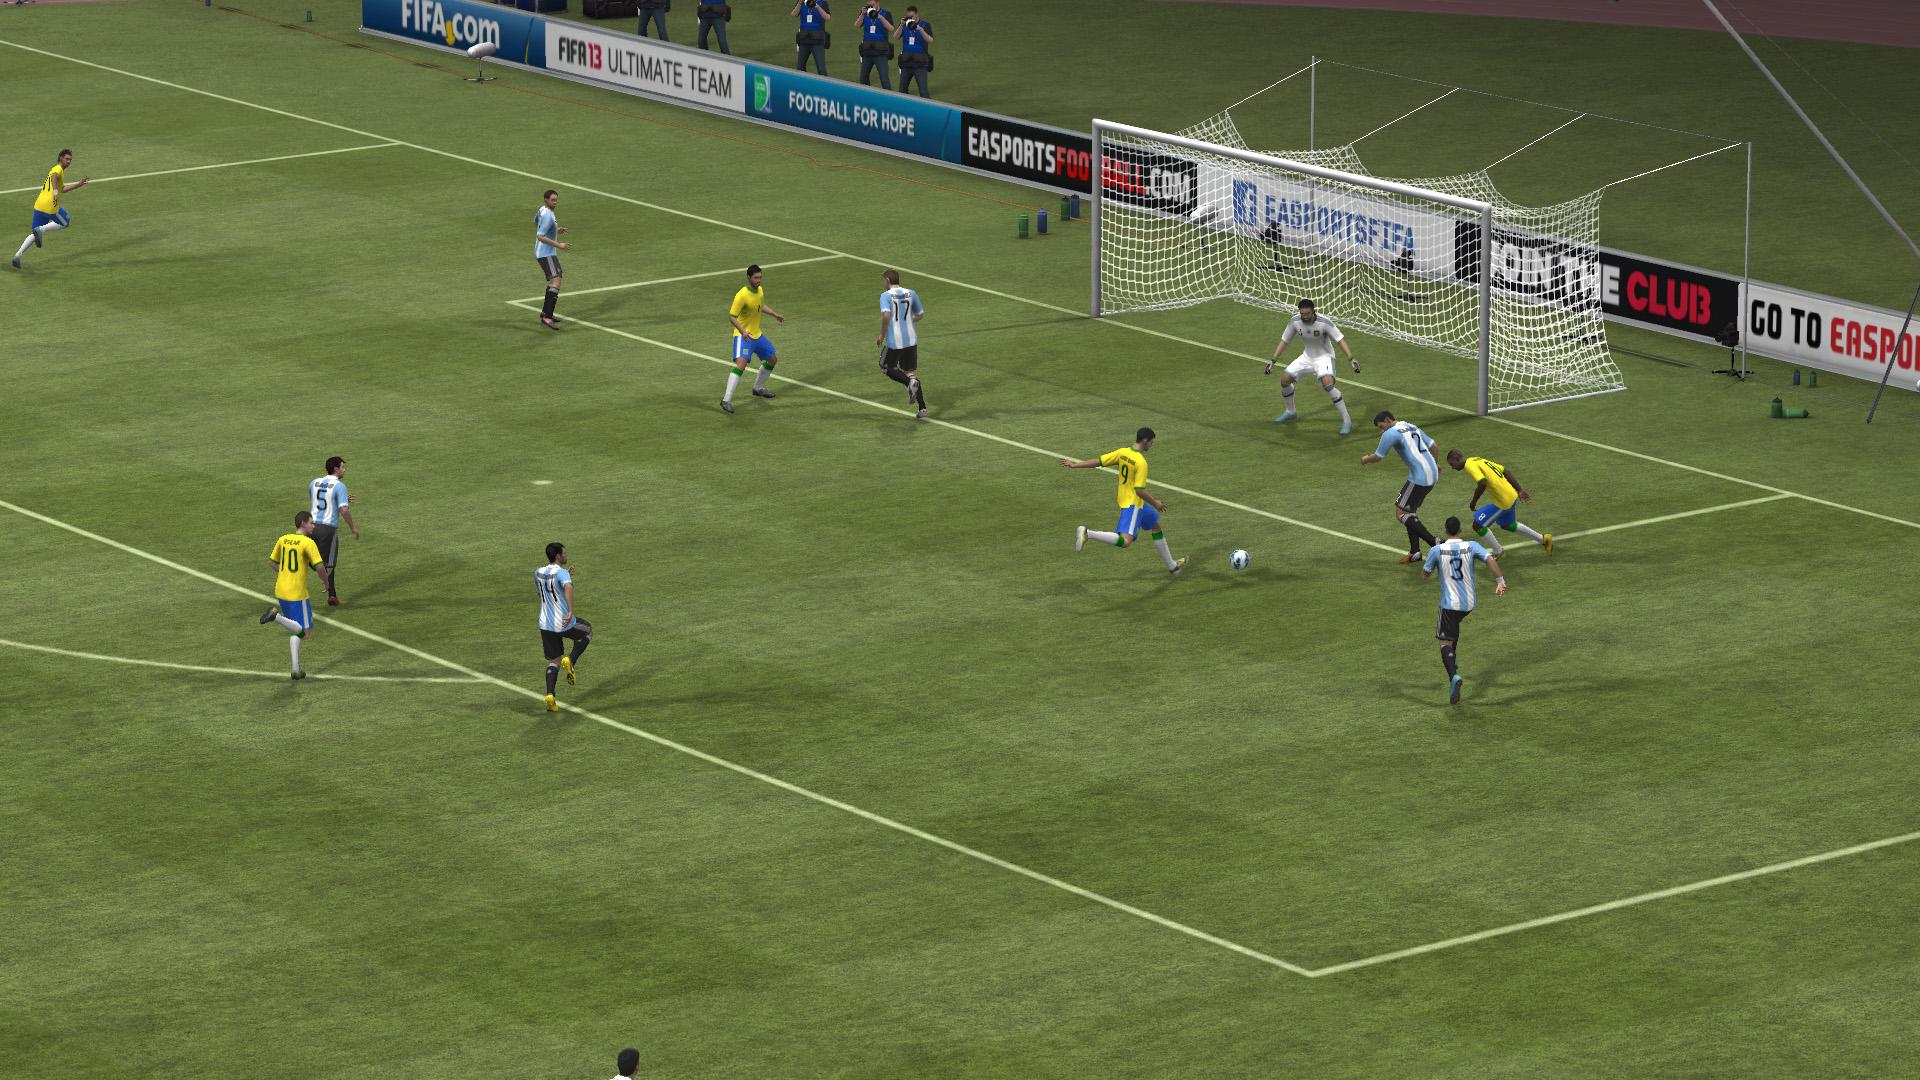 Juegos Fifa13 Online Fifa